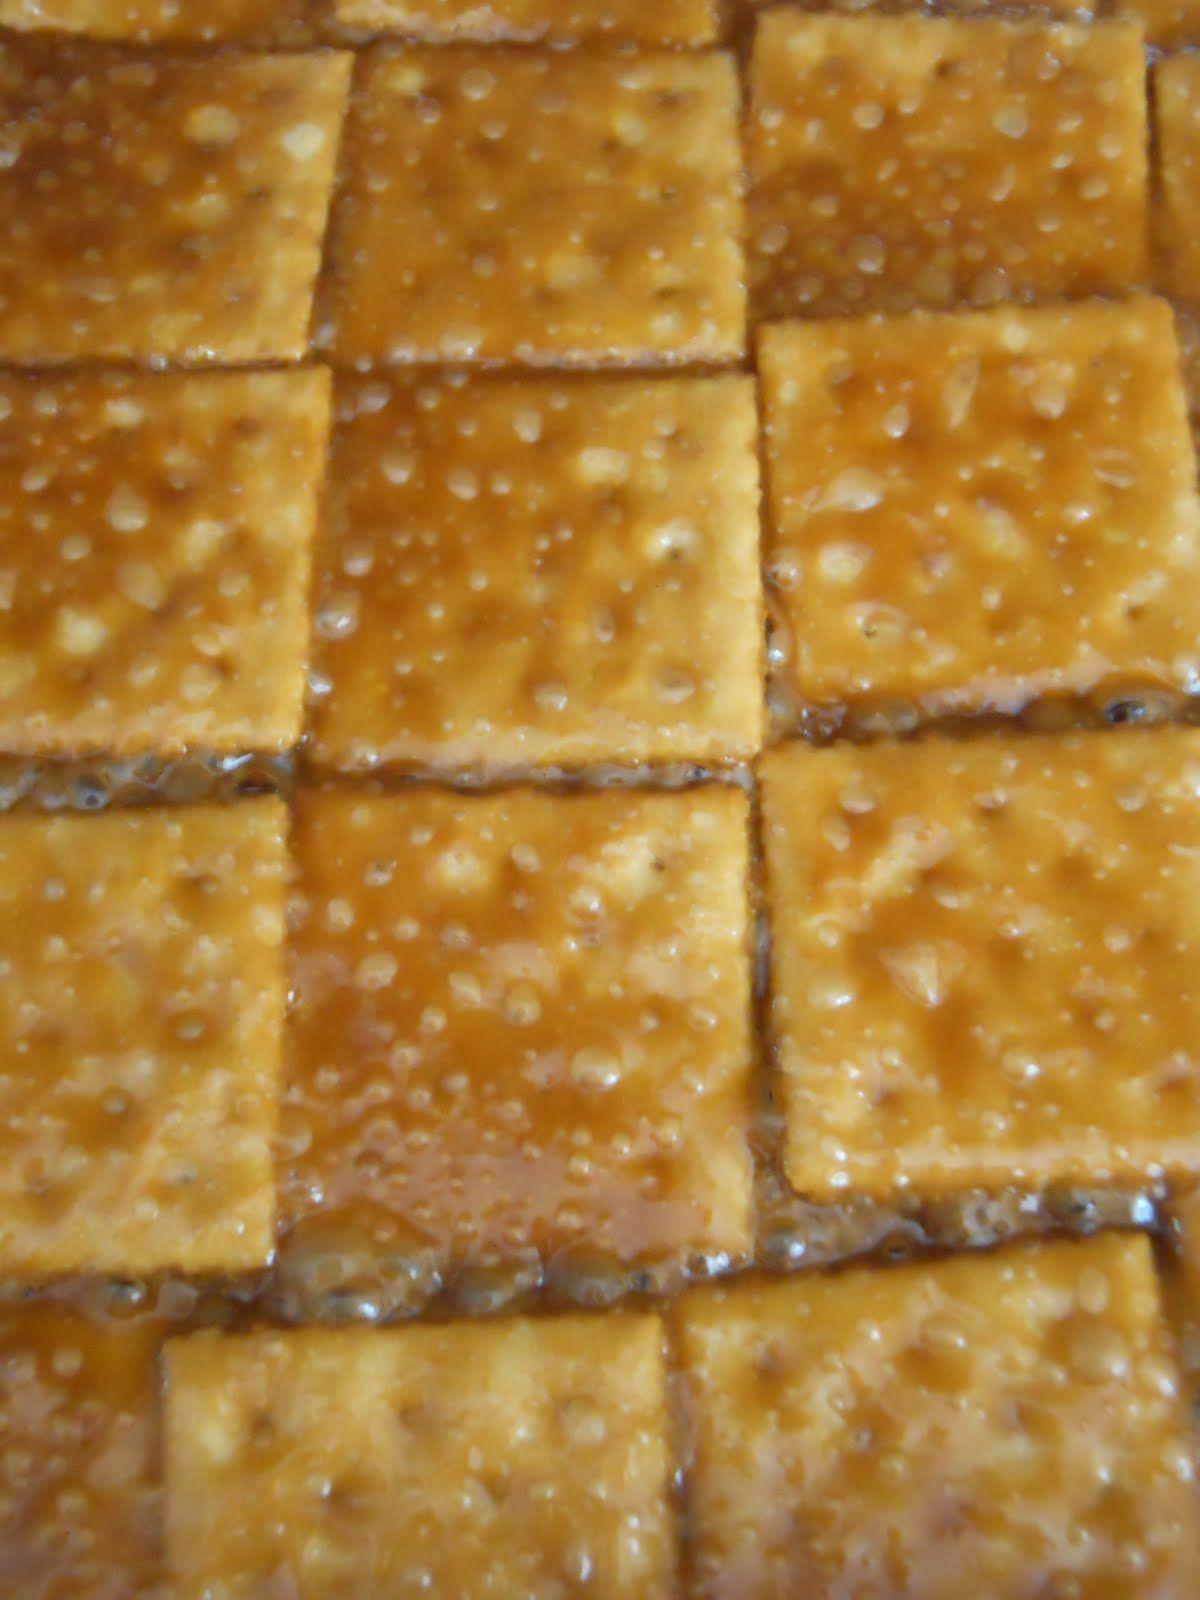 paula deen saltine cracker candy | call it cracker candy. You can ...